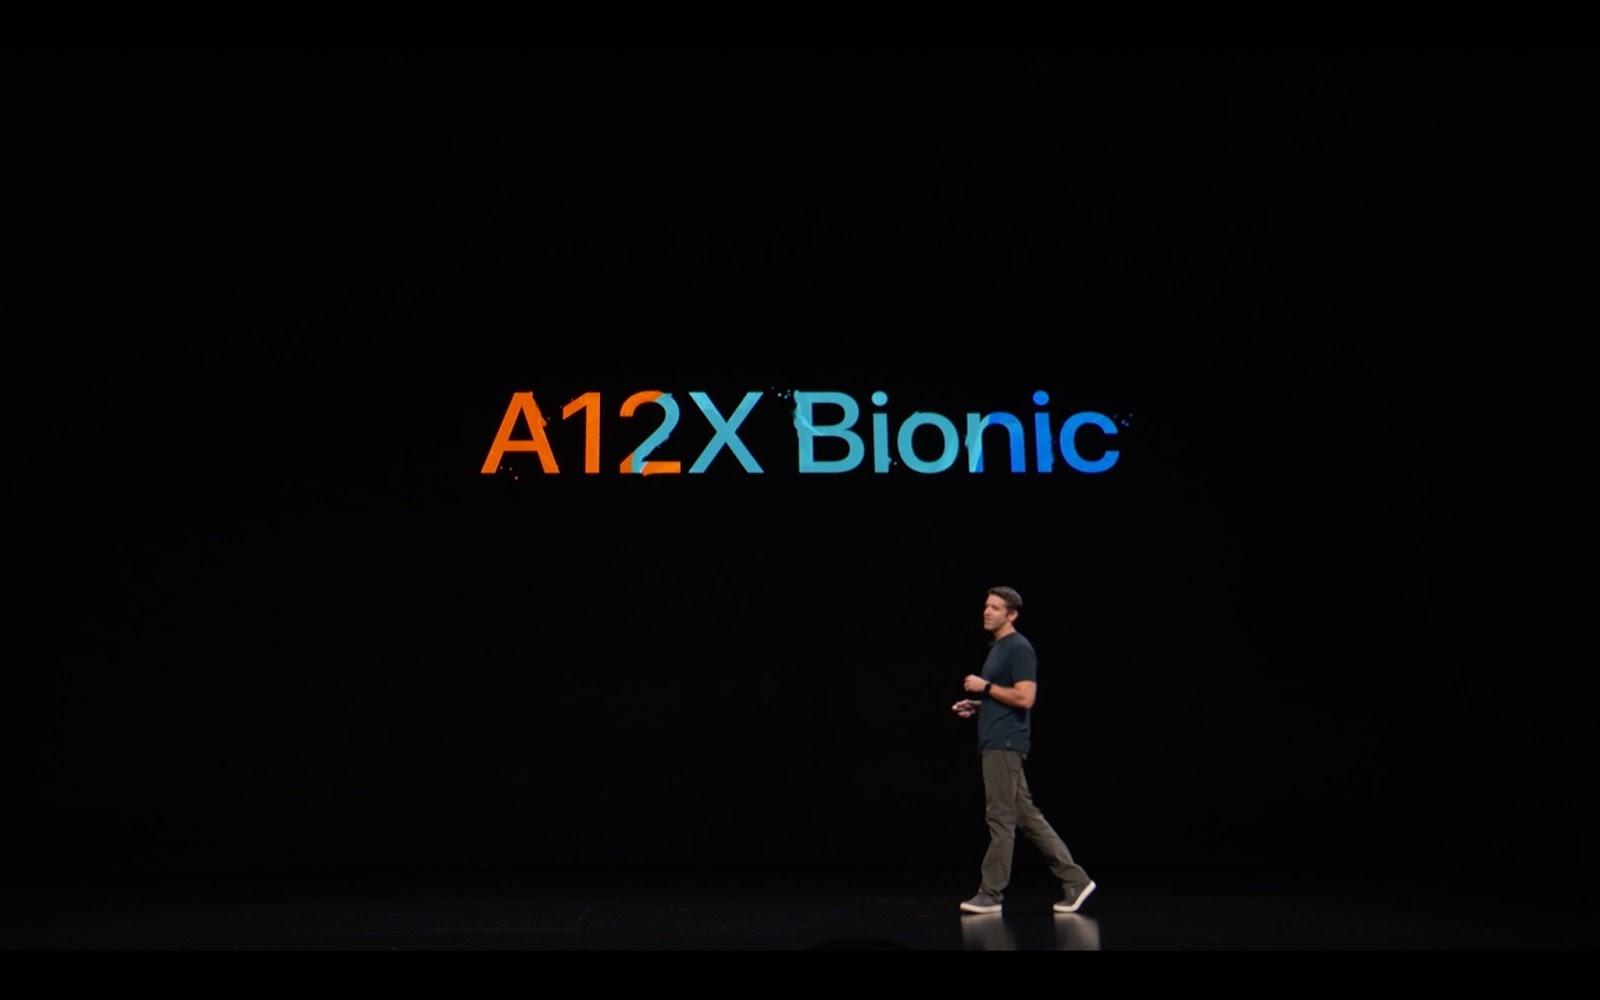 Đang tải iPad_2018-20.jpg…